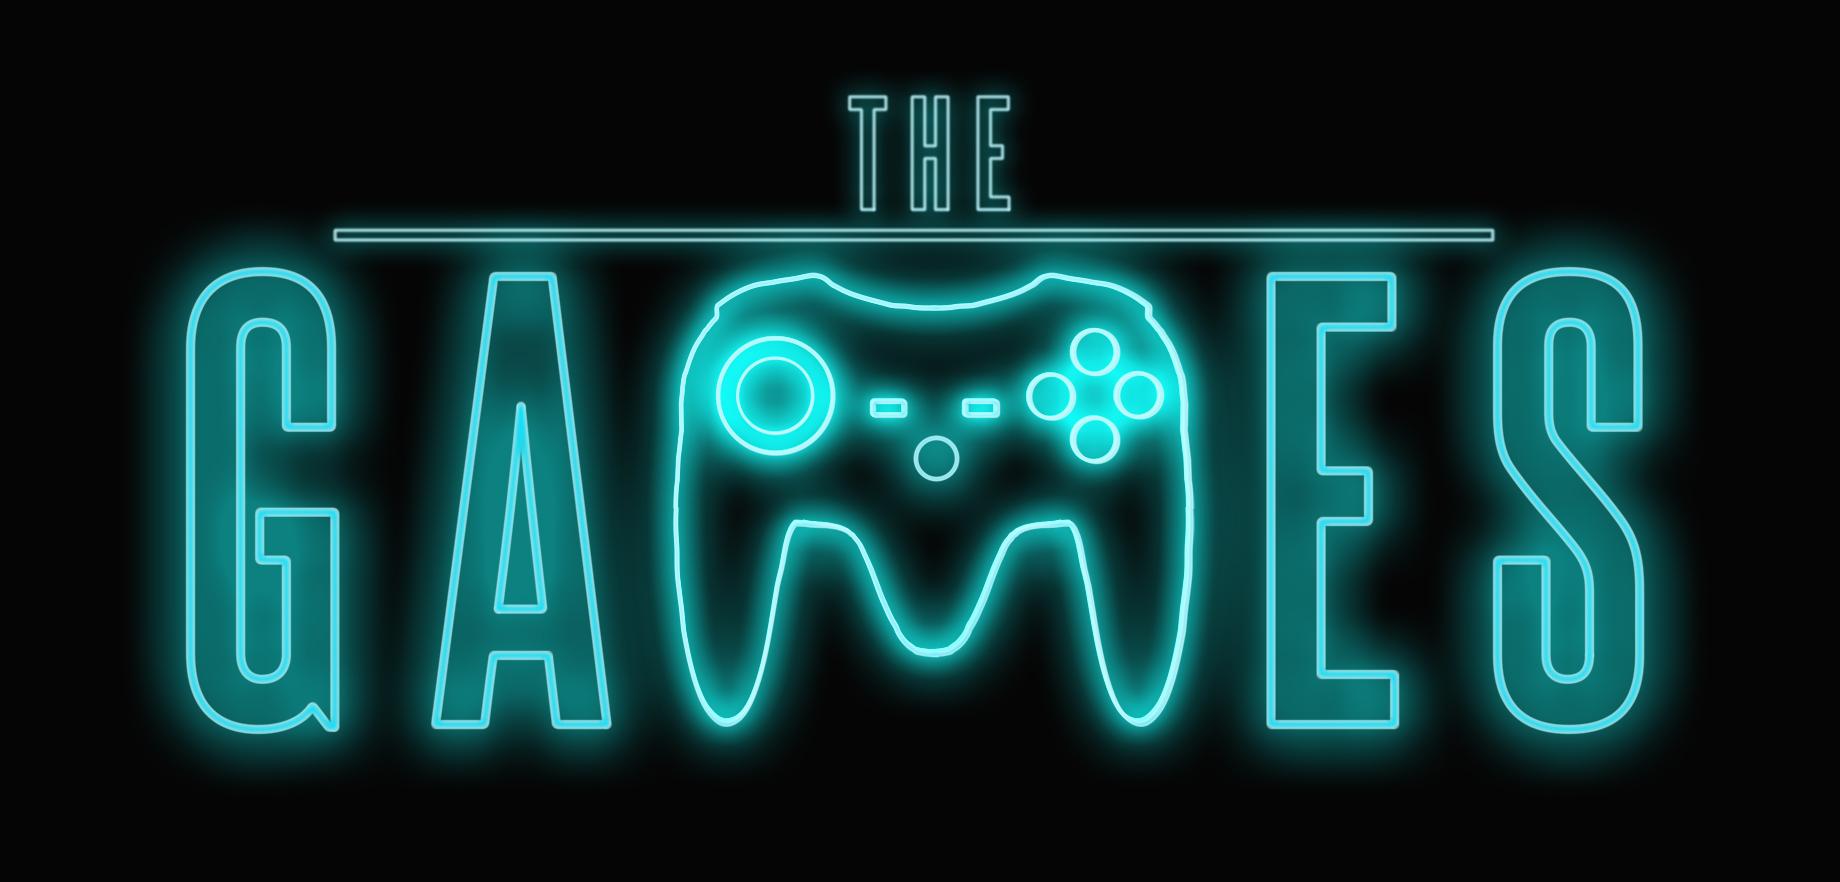 TIM oferece curso gratuito de 'Programação de Games'